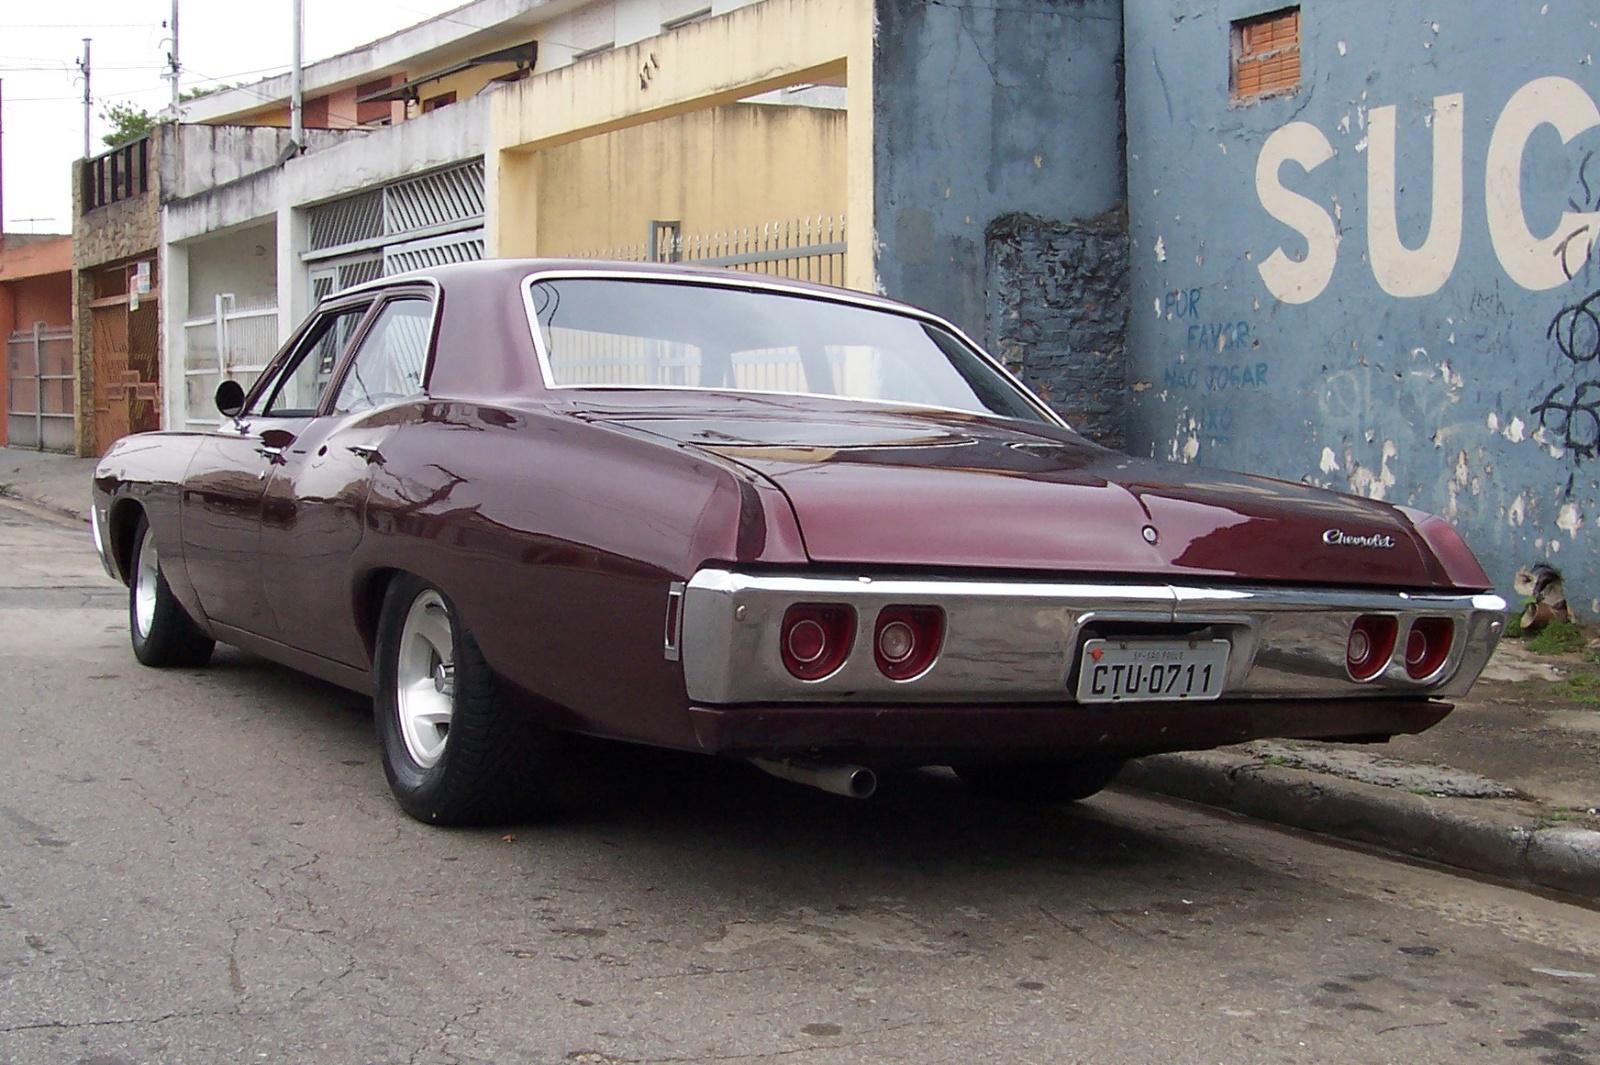 1968 Chevrolet Bel Air Pictures CarGurus